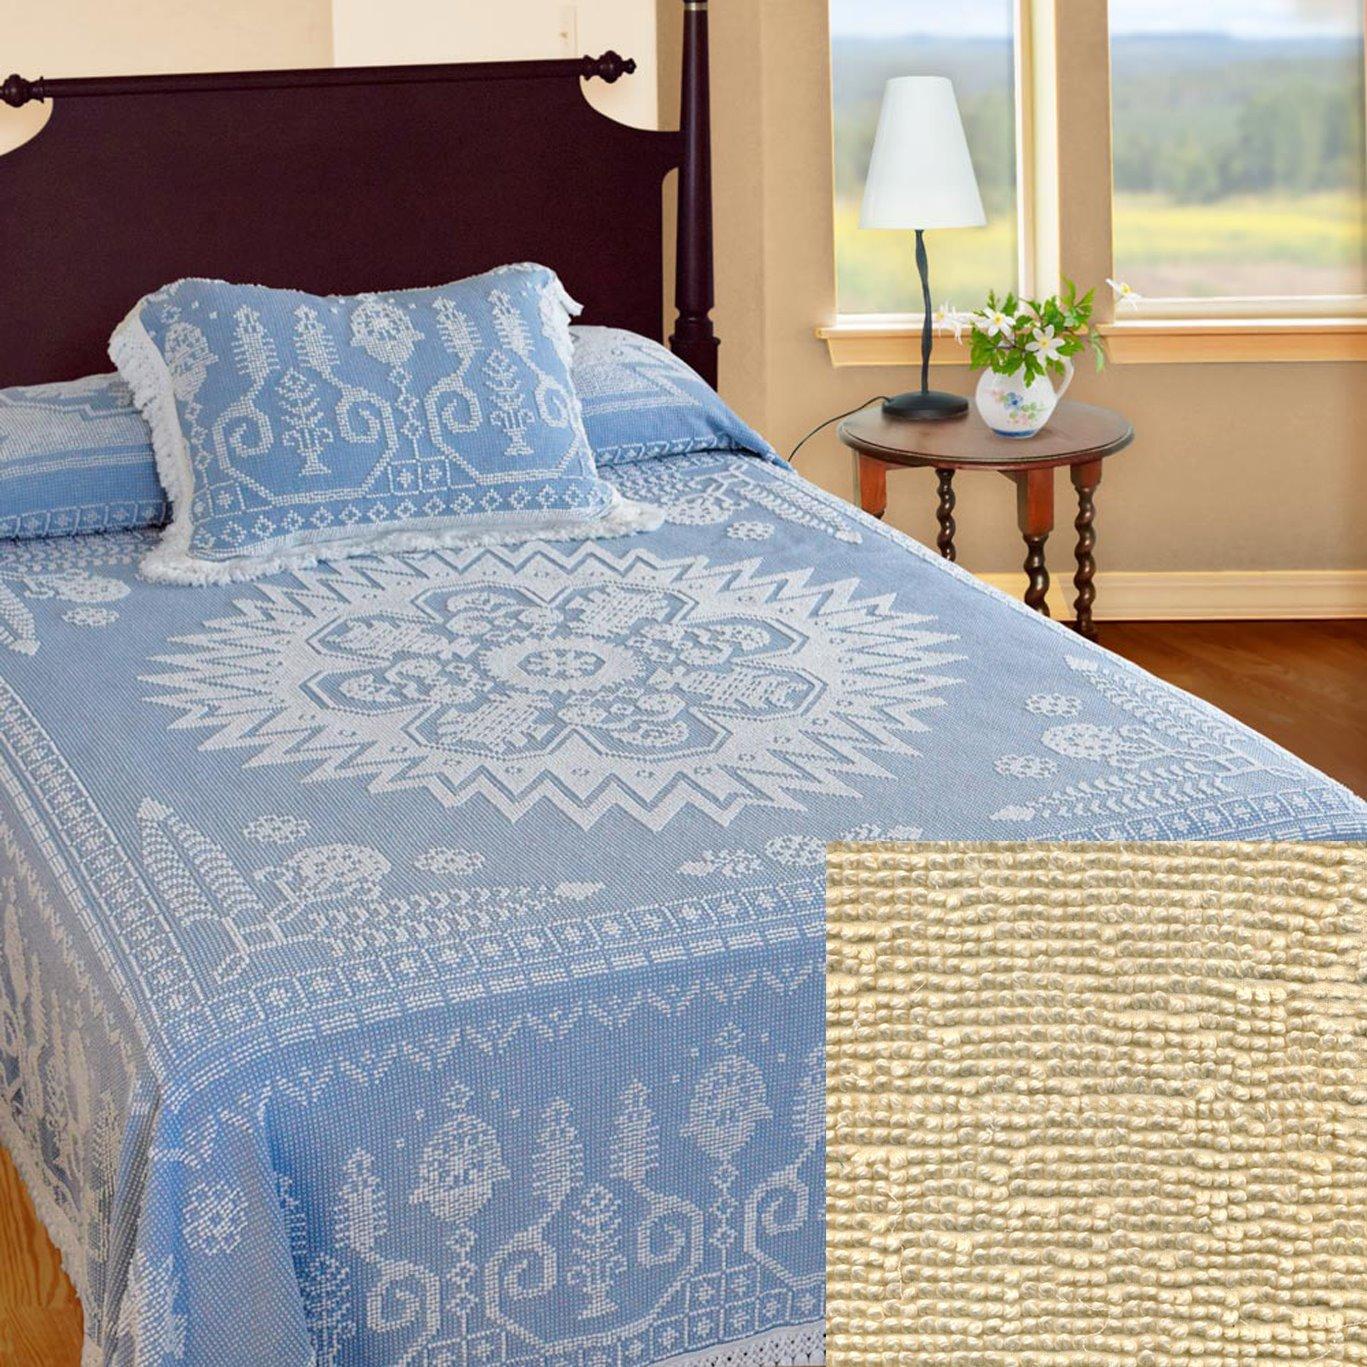 Spirit of America Bedspread Queen Antique